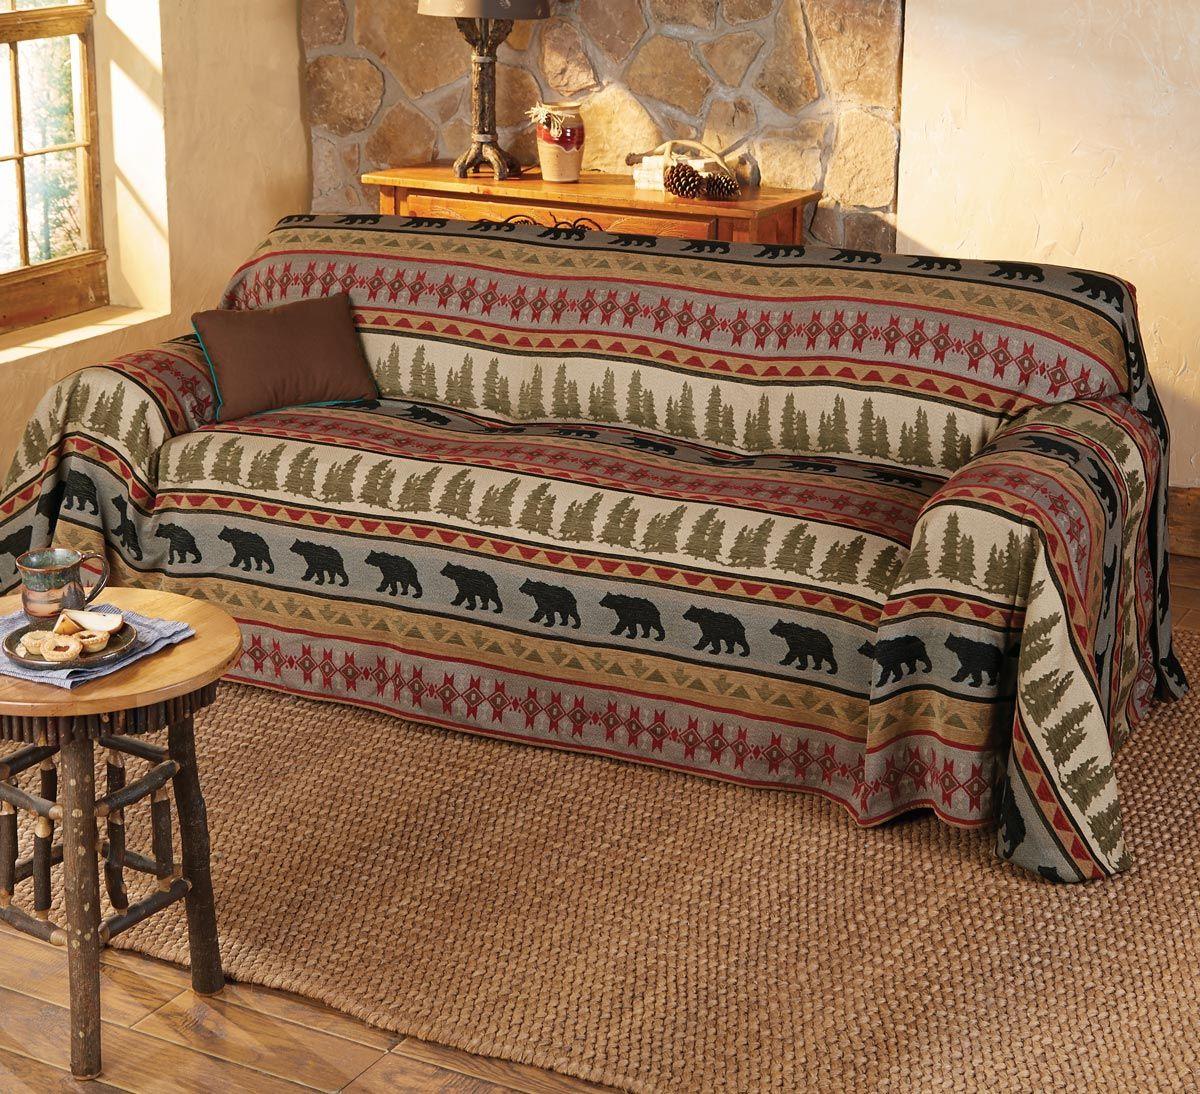 Fine Montana Bear Sofa Cover Sofa Covers Country Living Decor Uwap Interior Chair Design Uwaporg